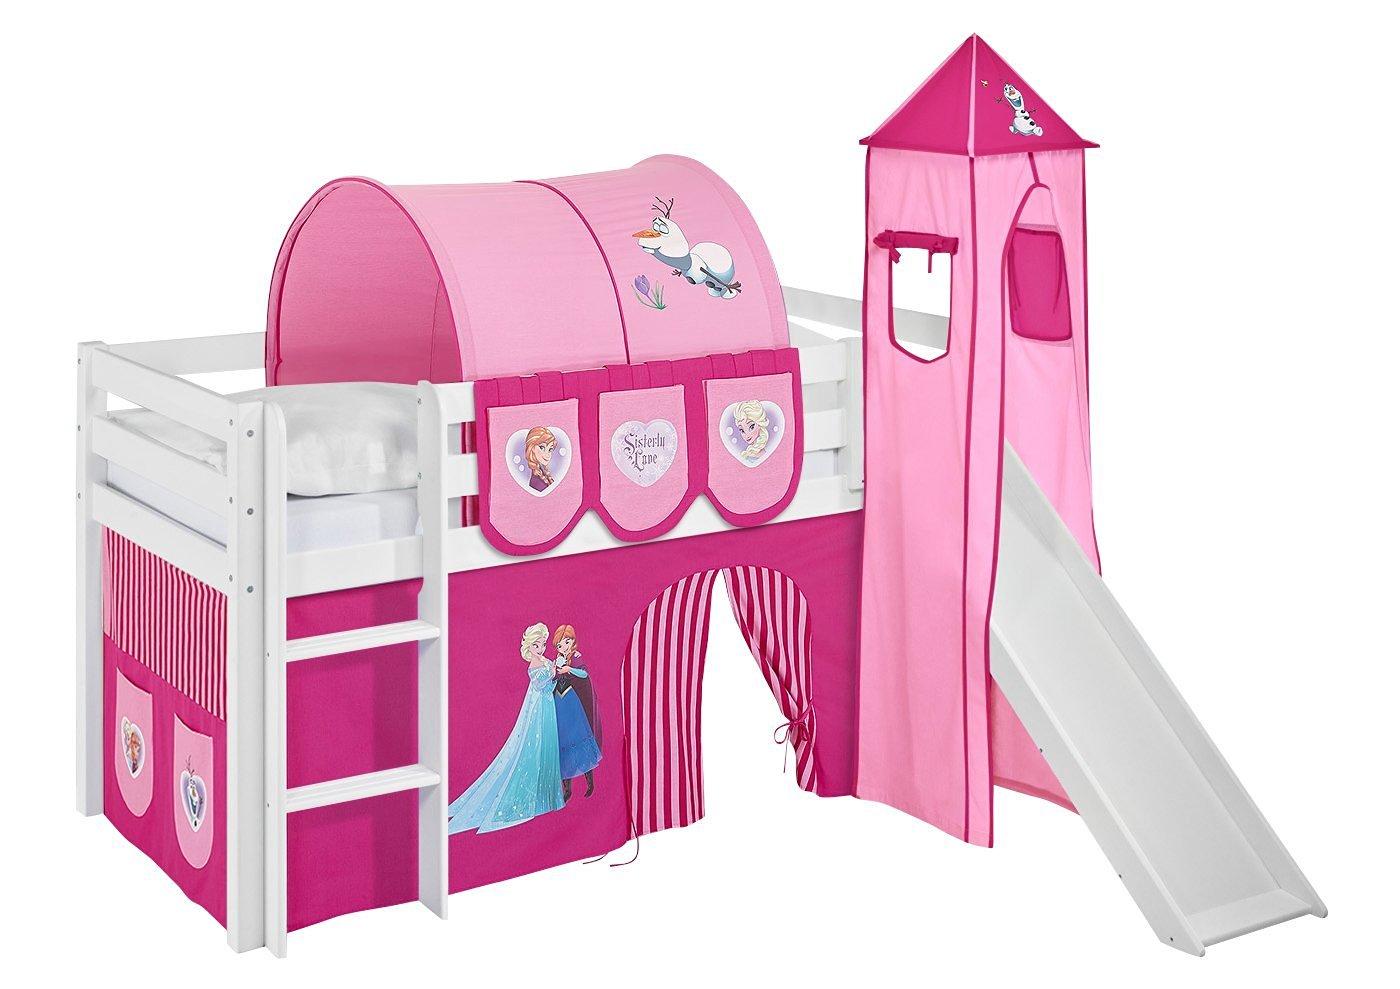 Blickfang Kinderbett Mit Rutsche Dekoration Von Ein Bett Für Kleine Prinzessinen Und Abenteurer